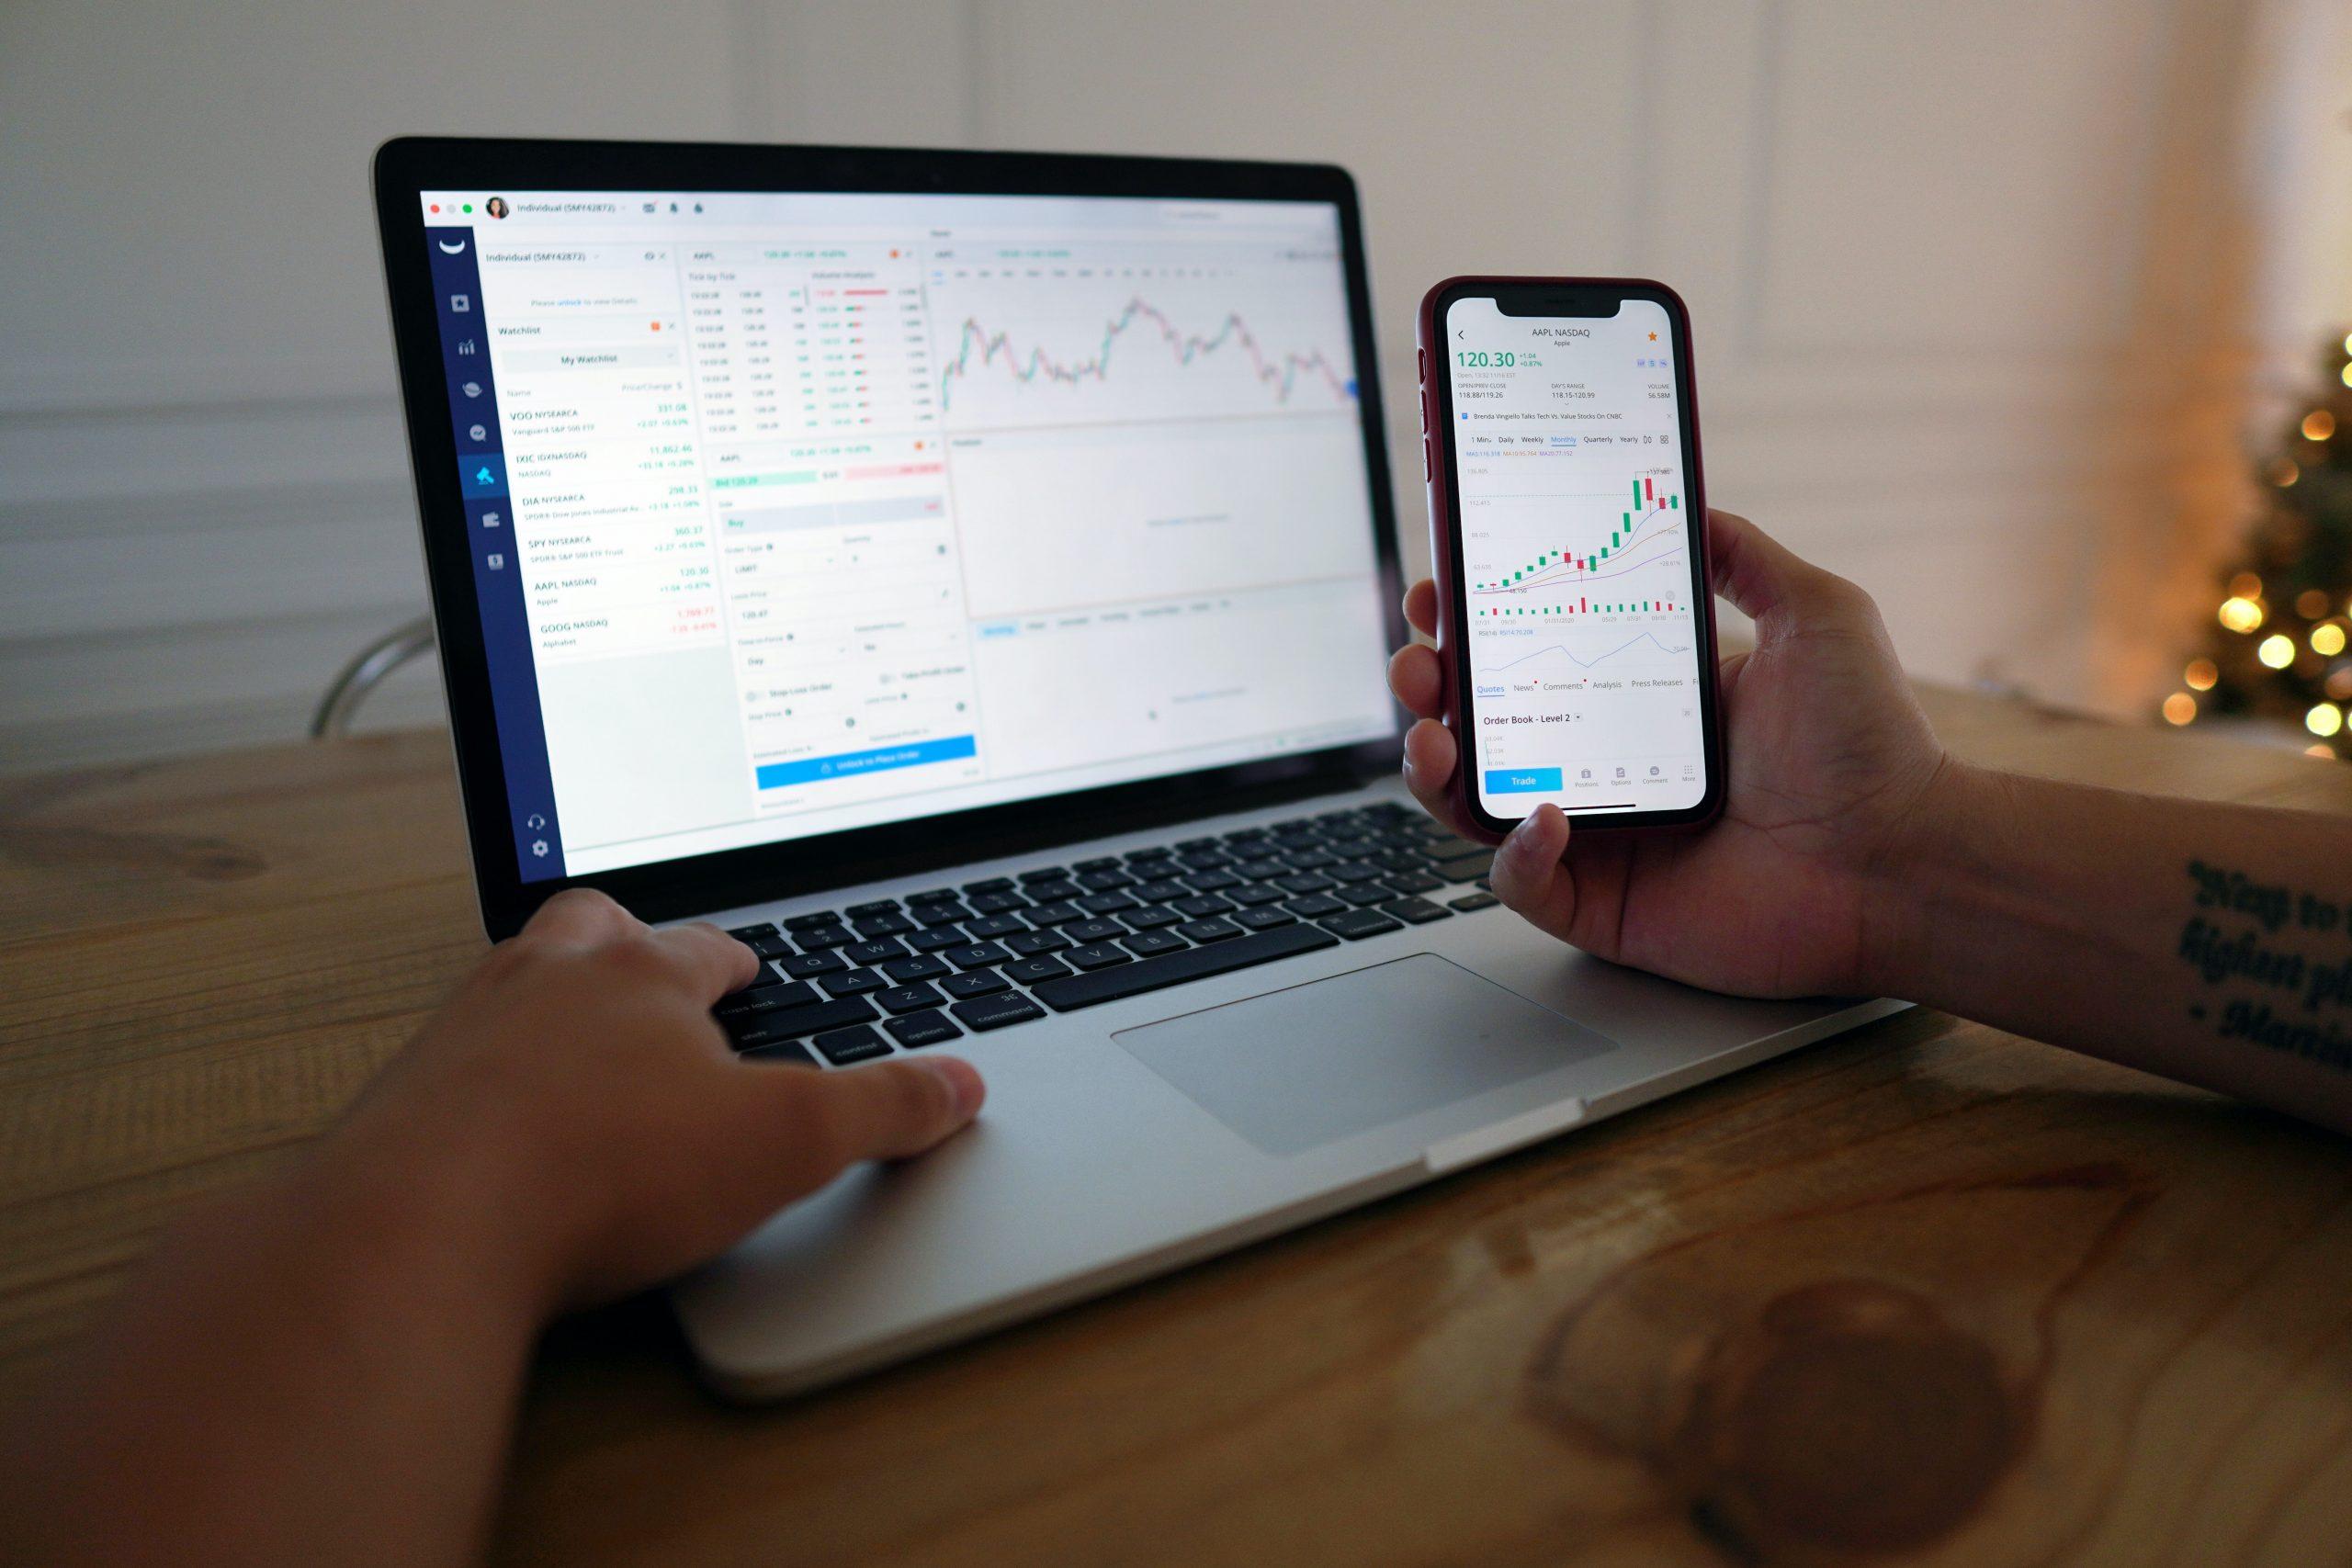 Copy Trading em 2021 – Quais São as Melhores Corretoras?